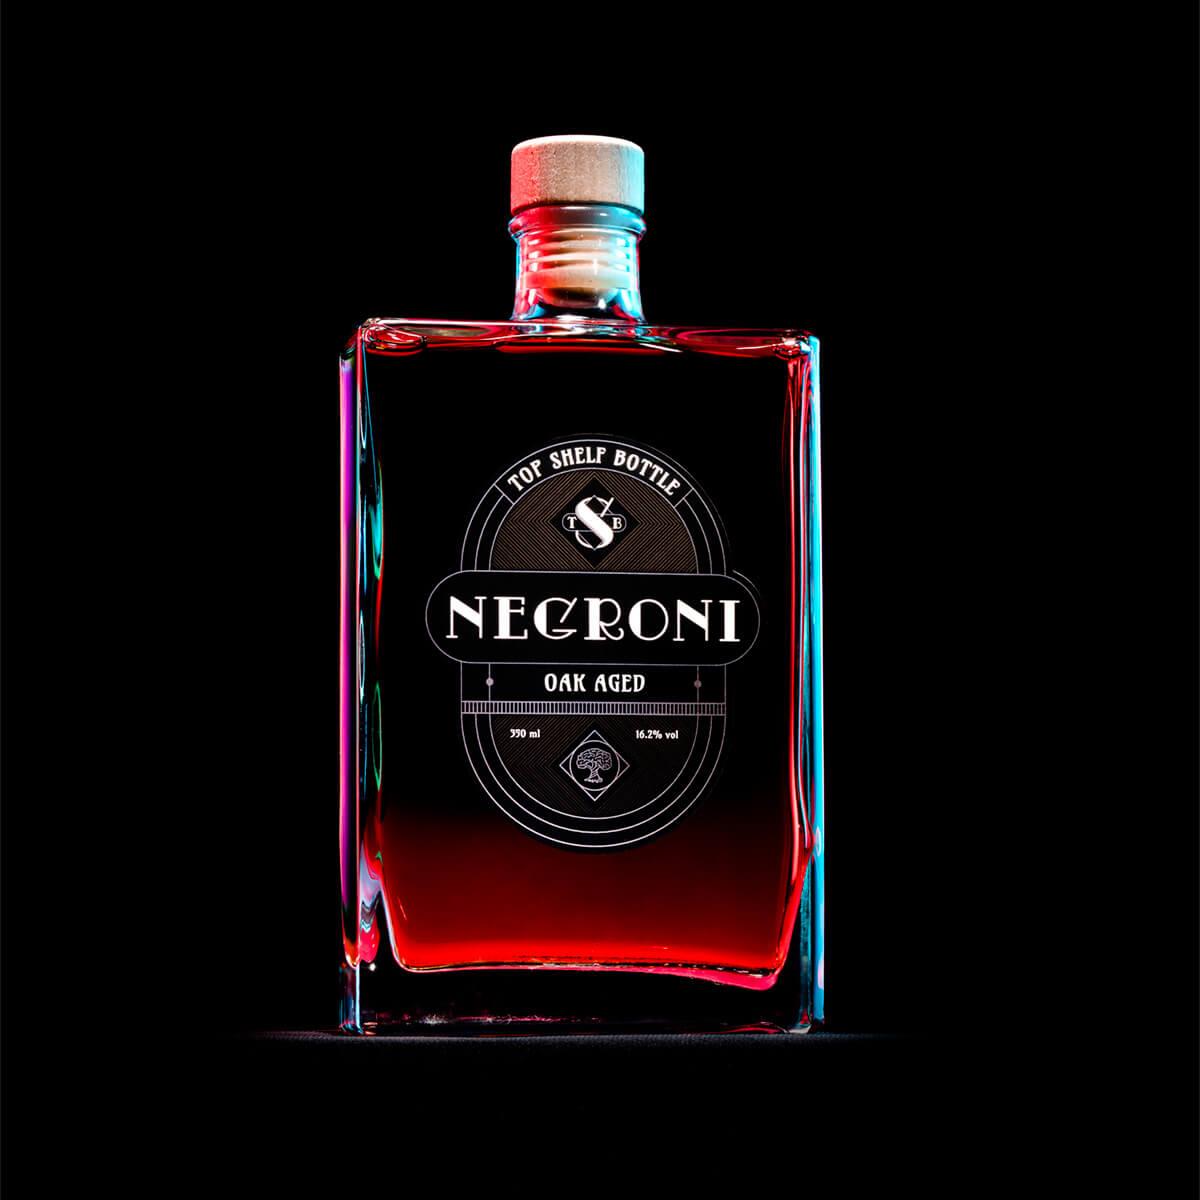 Lahev negroni s designovou etiketou